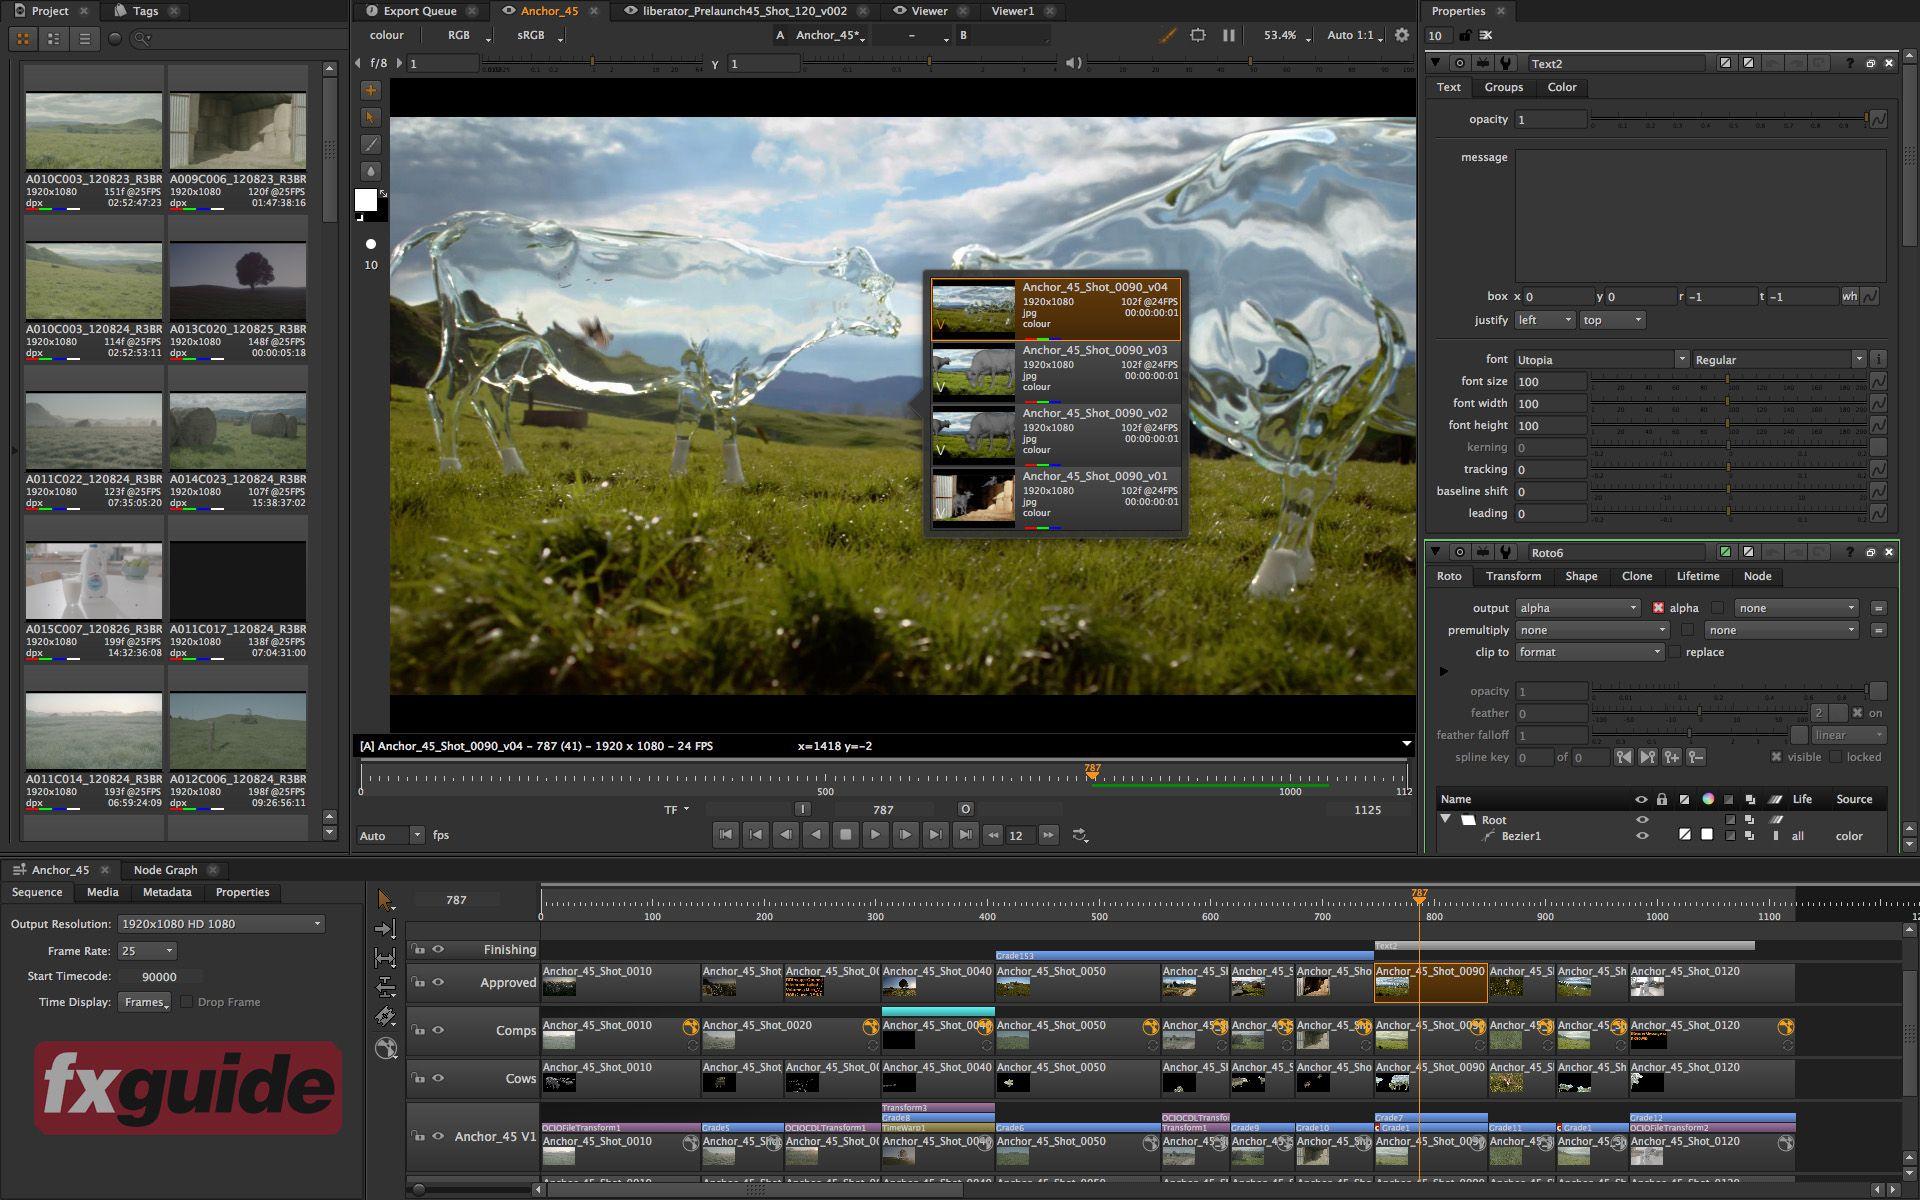 nuke studio  u2013 exclusive interview   first screen shots